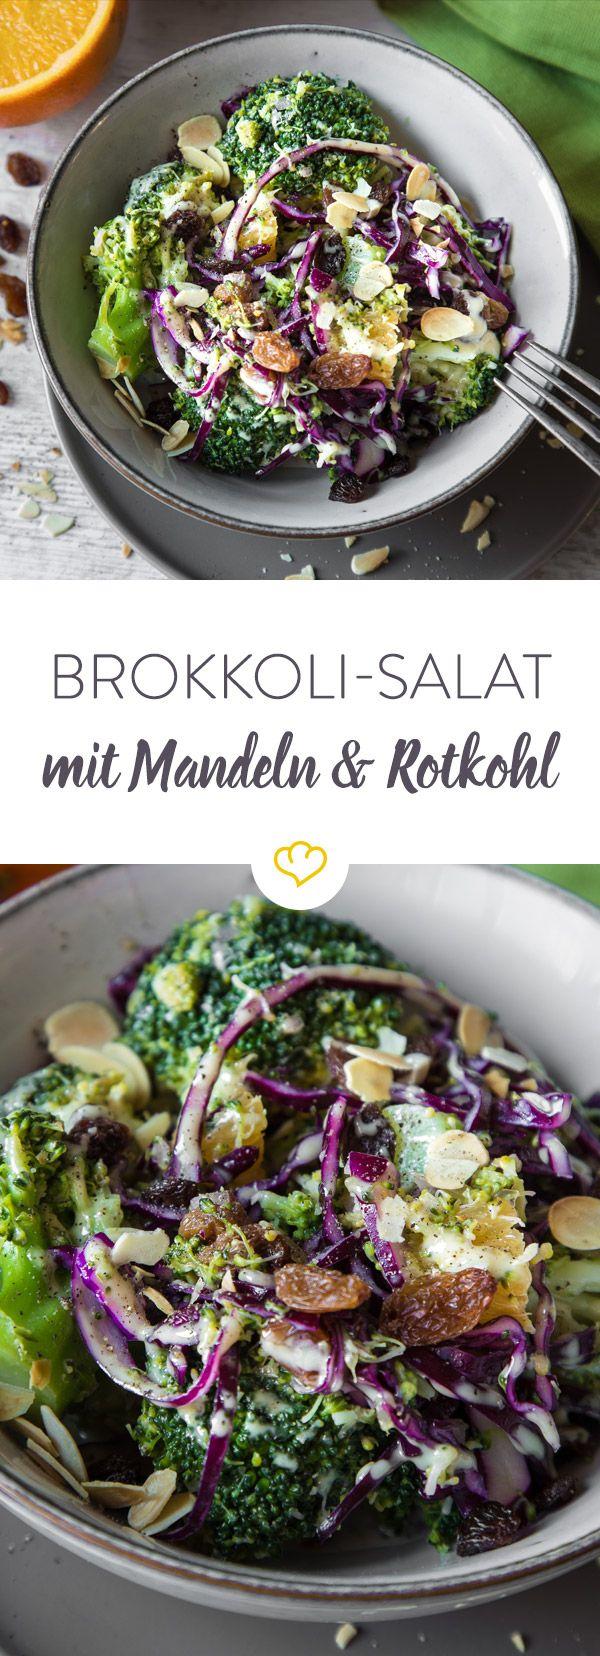 Brokkoli-Salat mit gerösteten Mandeln und Rotkohl